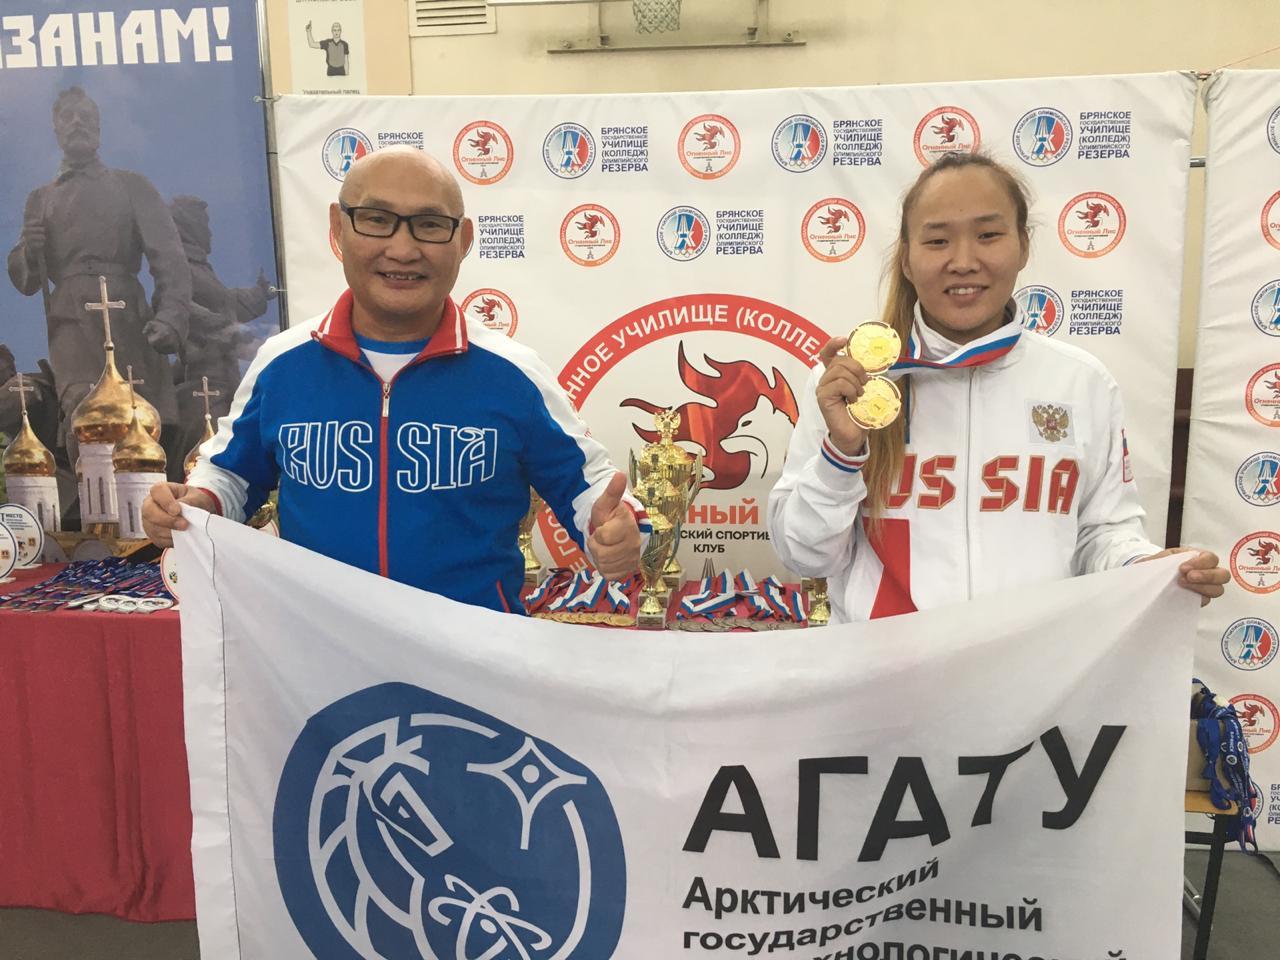 Студентка АГАТУ выиграла две золотые медали на чемпионате России по пауэрлифтингу